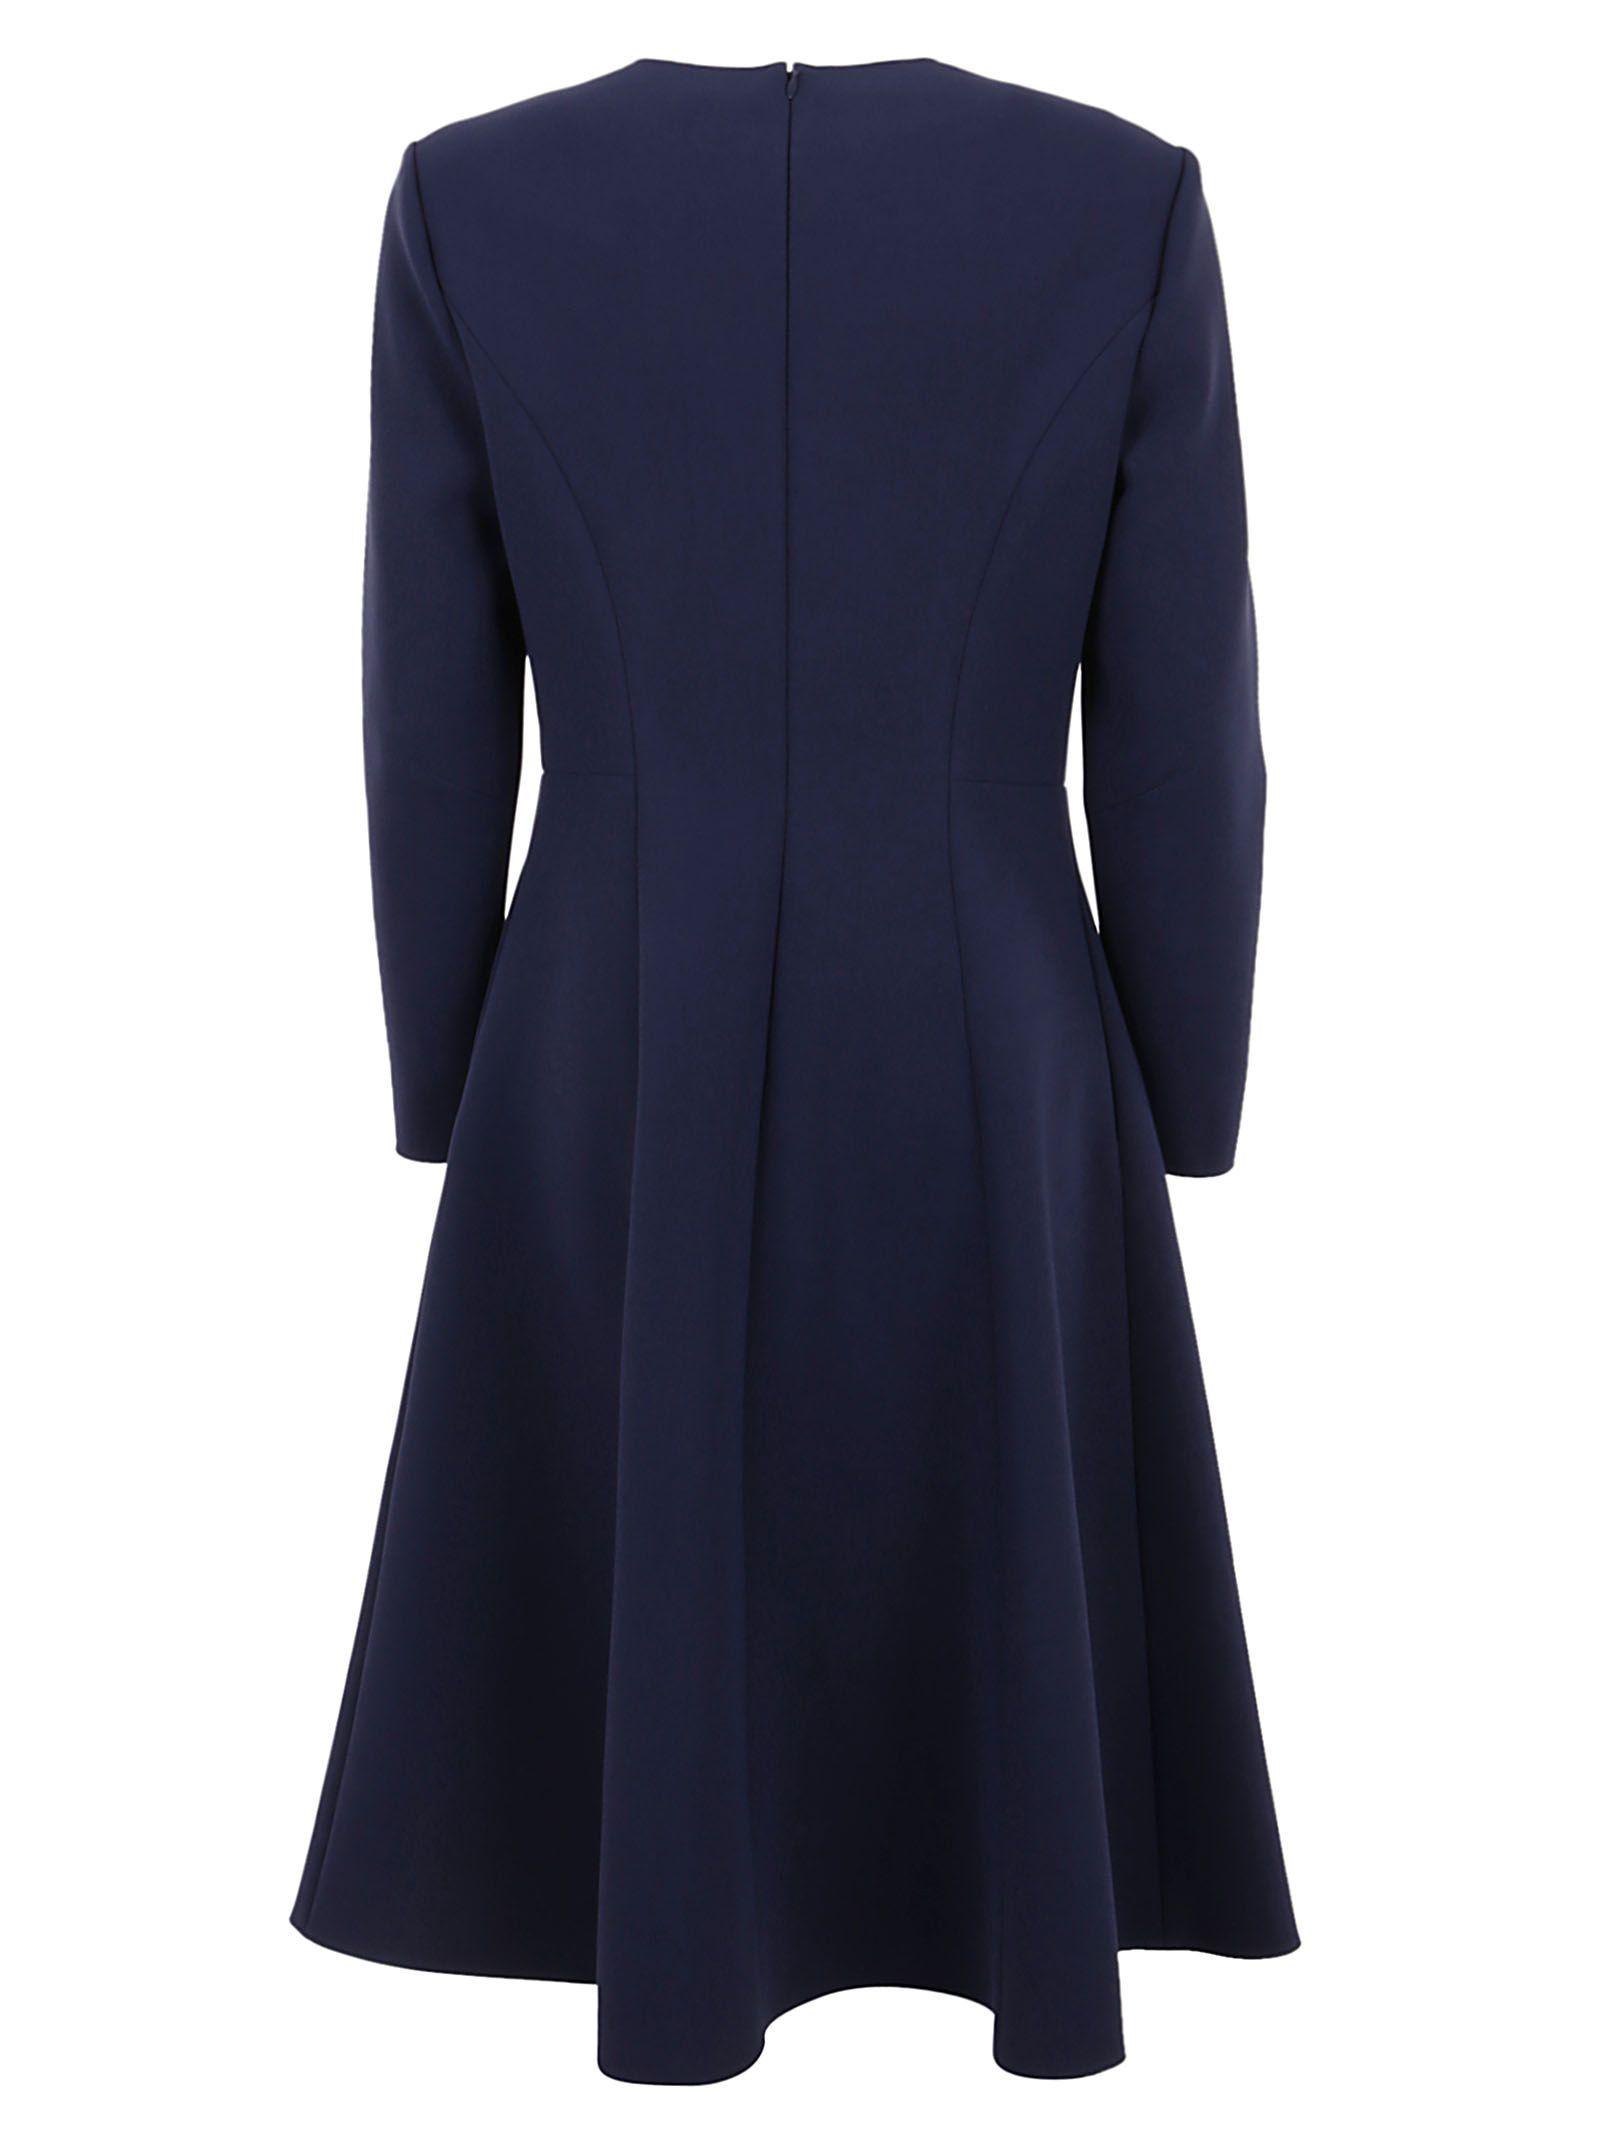 RALPH LAUREN WOMEN'S 290788753001 BLUE ACETATE DRESS